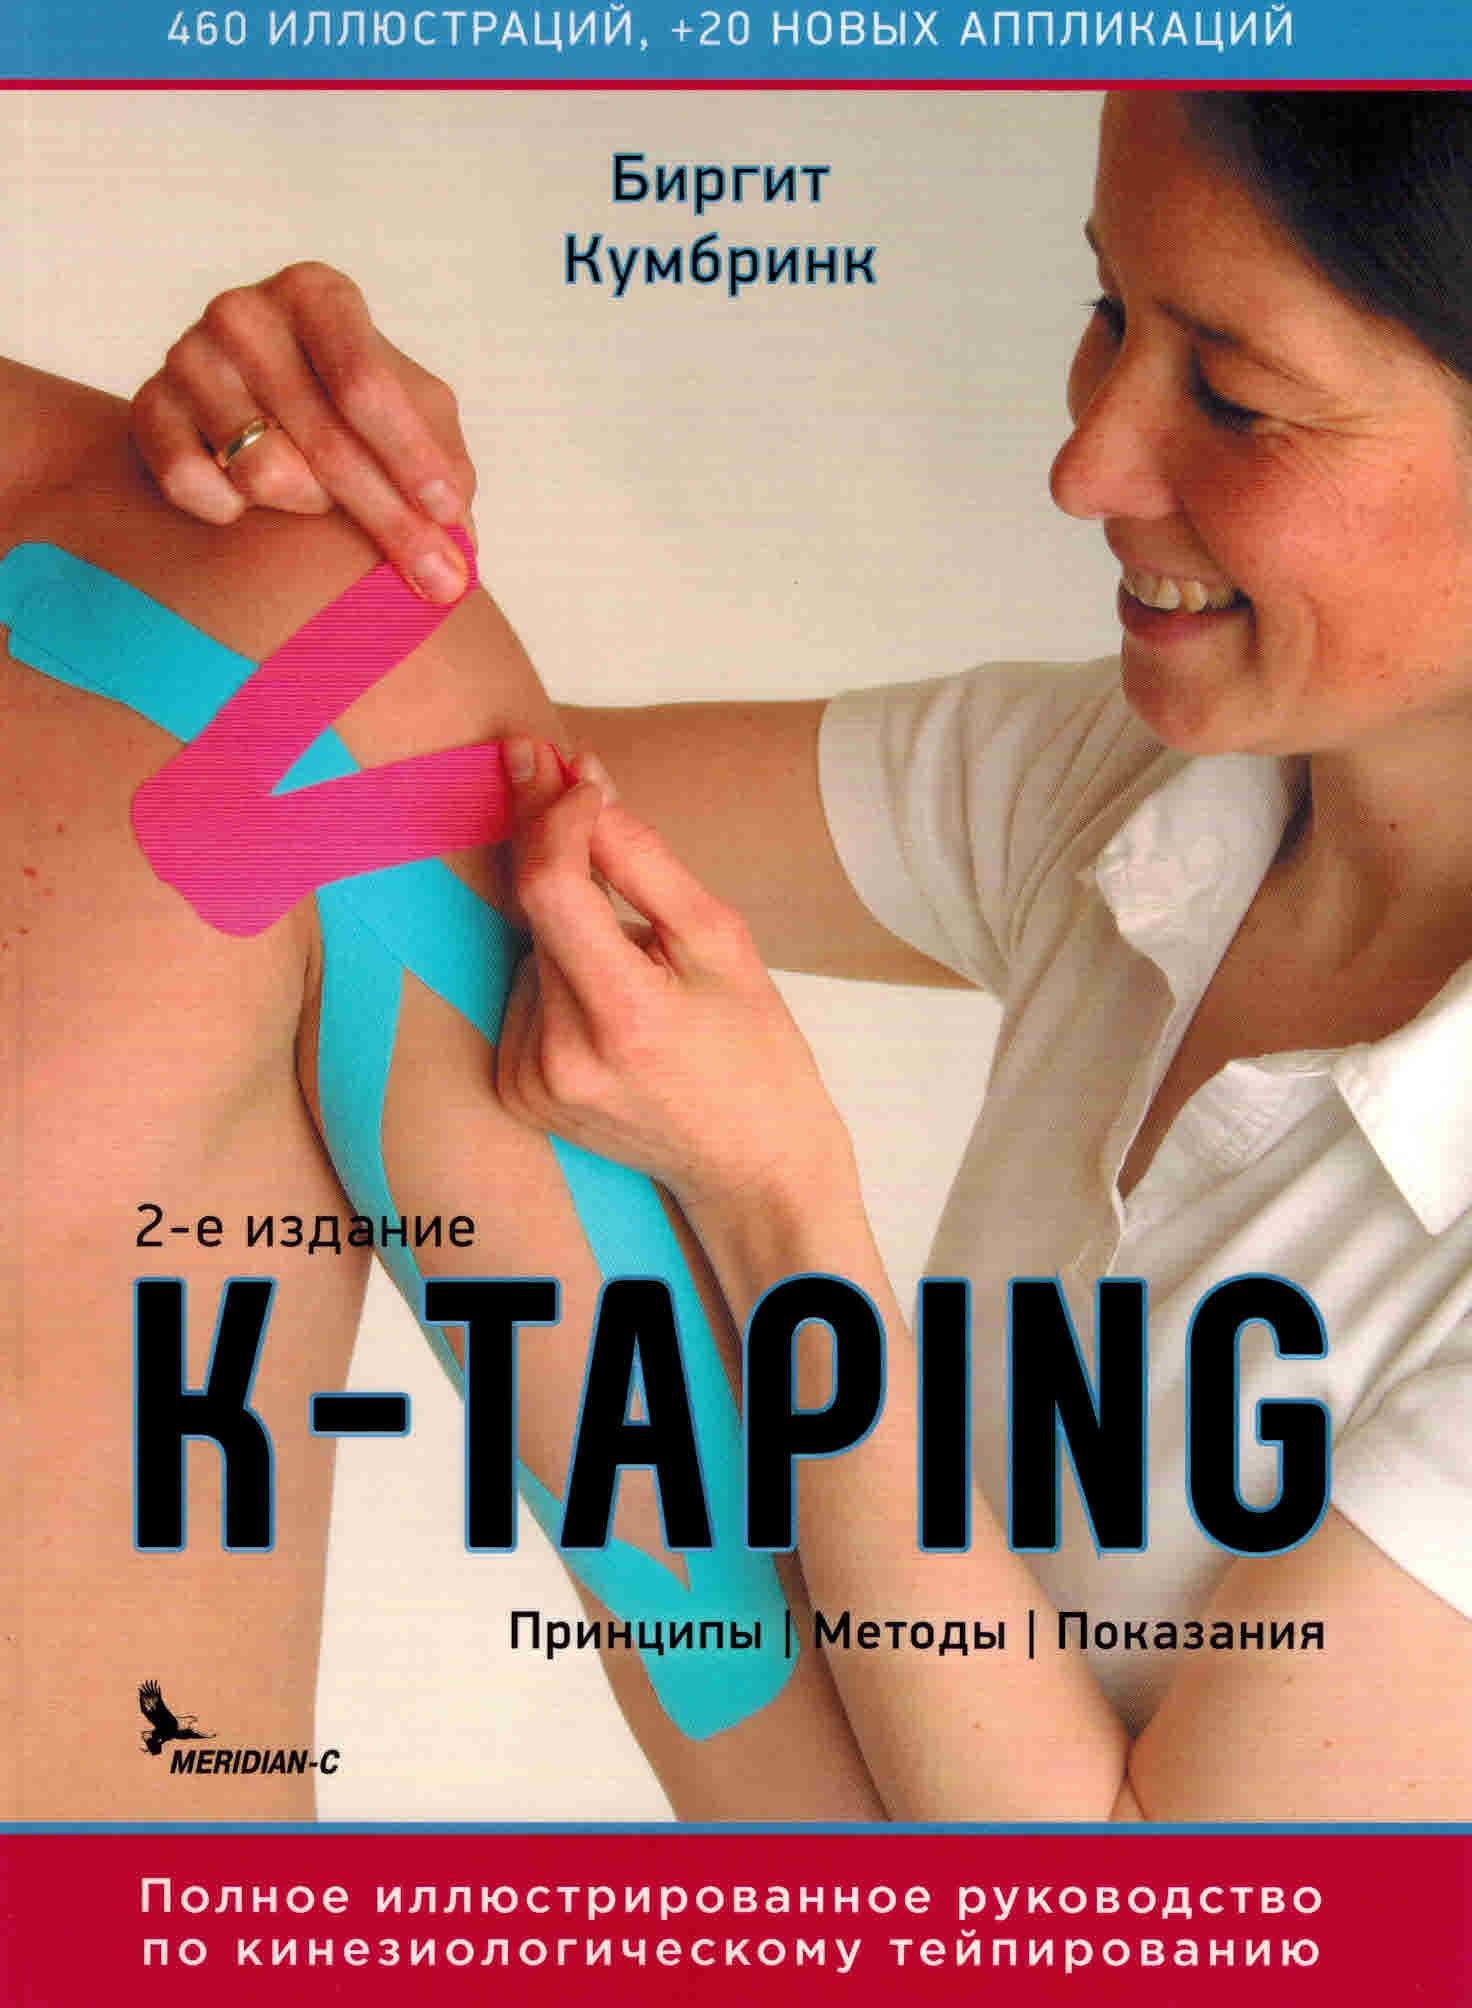 Новинки K-TAPING. Принципы, методы, показания k-taping.jpg